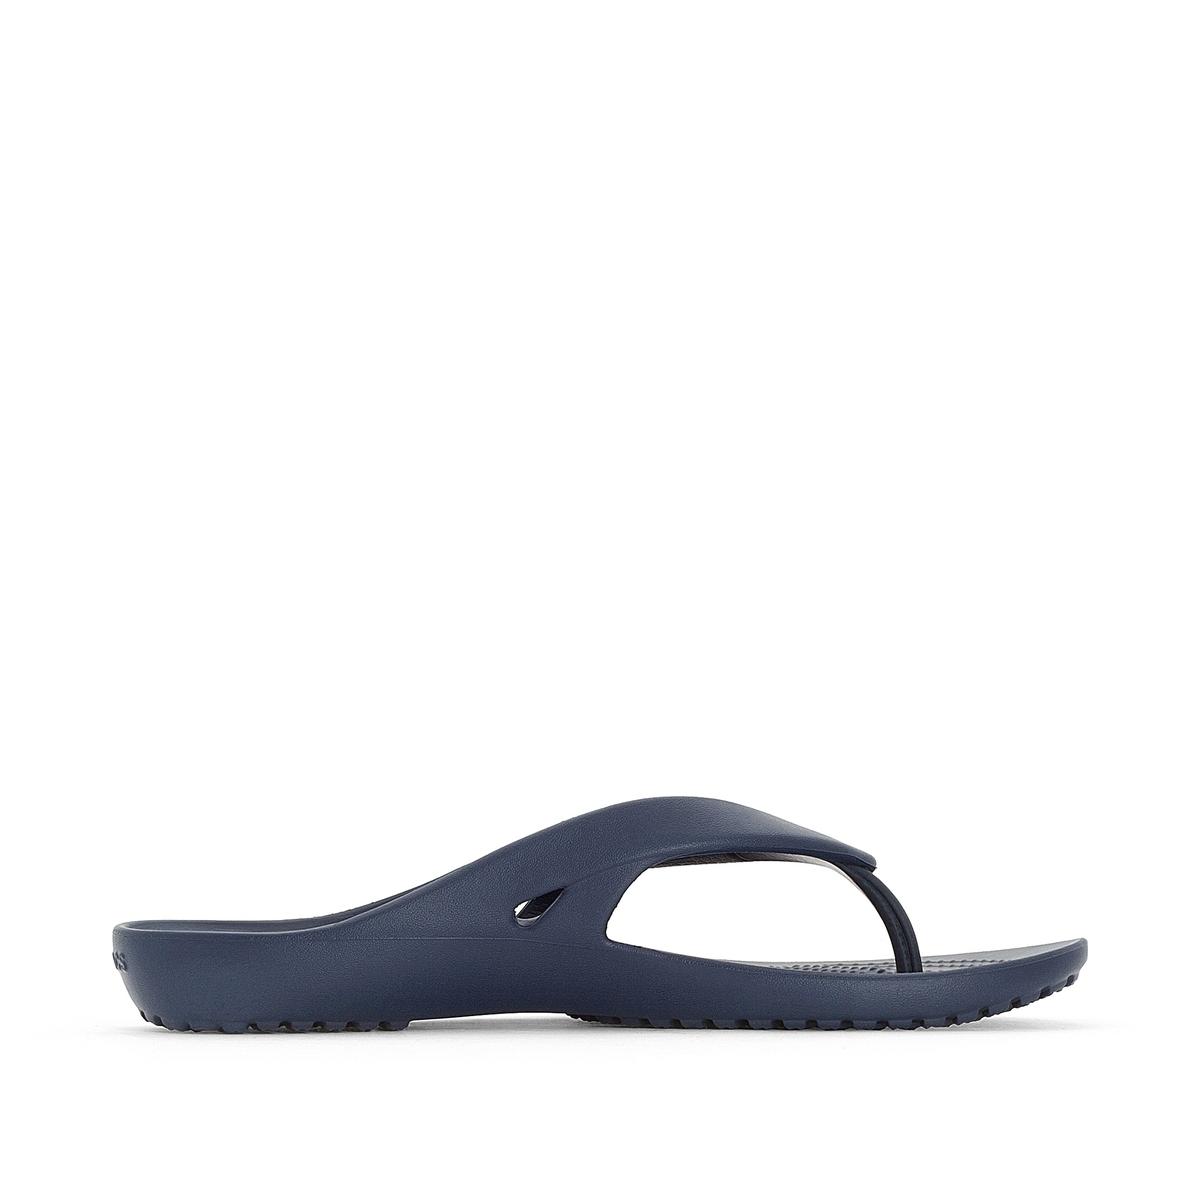 Вьетнамки Kadee II Flip W crocs kadee flip flop women s sandal slippers flip flop footwear espresso